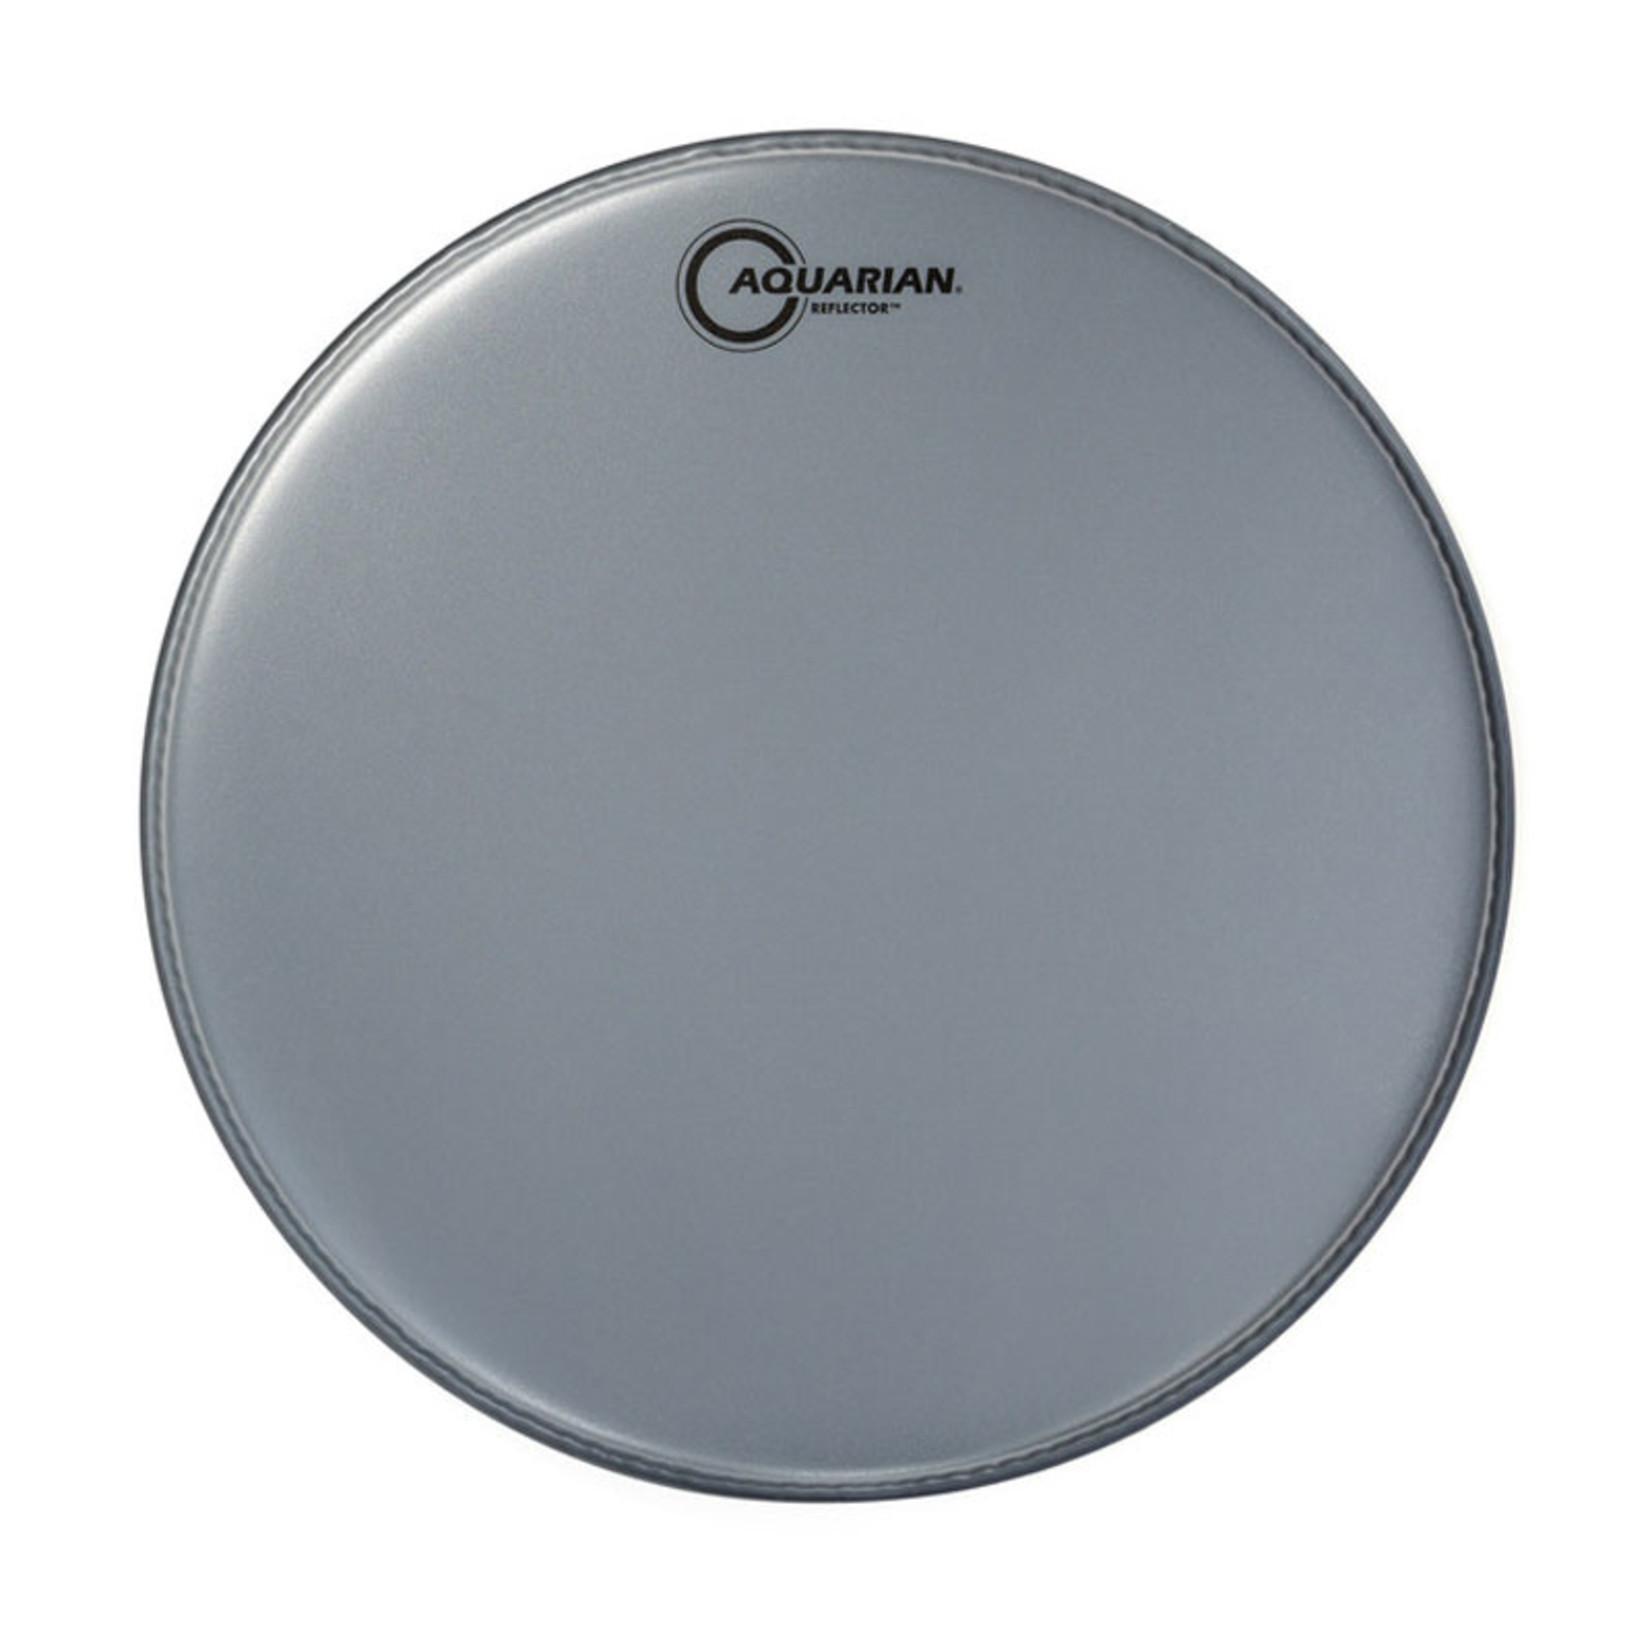 Aquarian Aquarian Reflector Grey Texture Coated